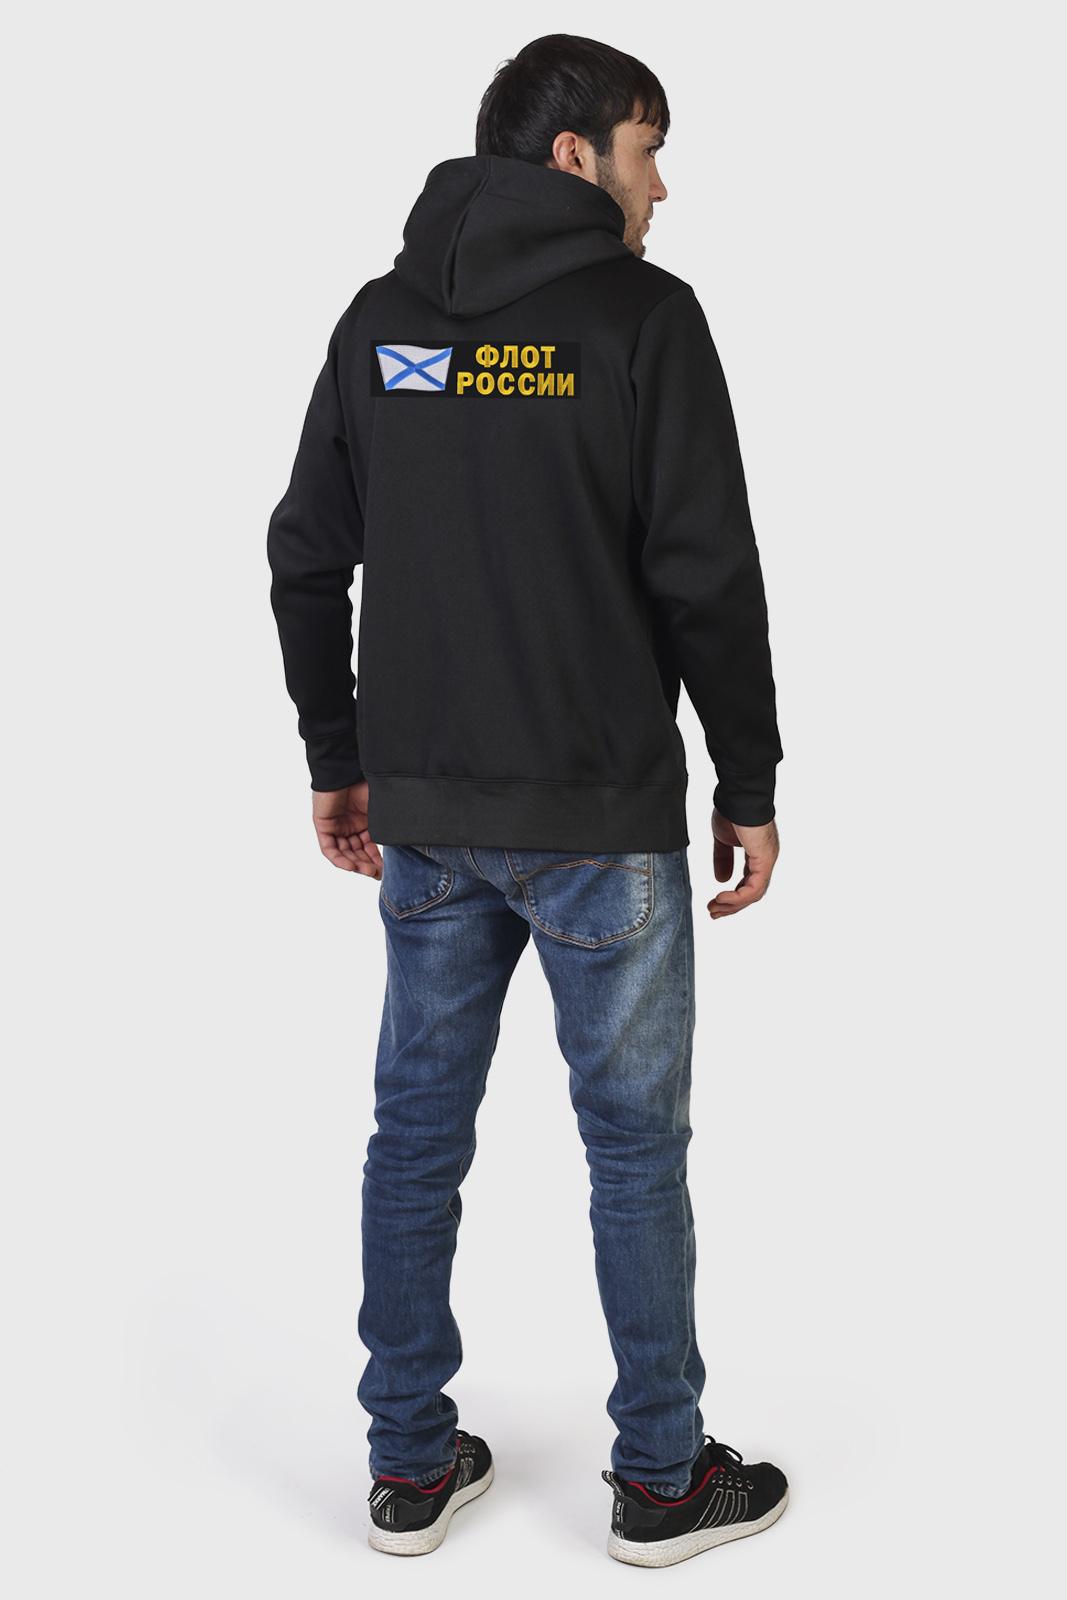 Плотная черная толстовка с эмблемой 25 дивизия РПК СН - заказать с доставкой